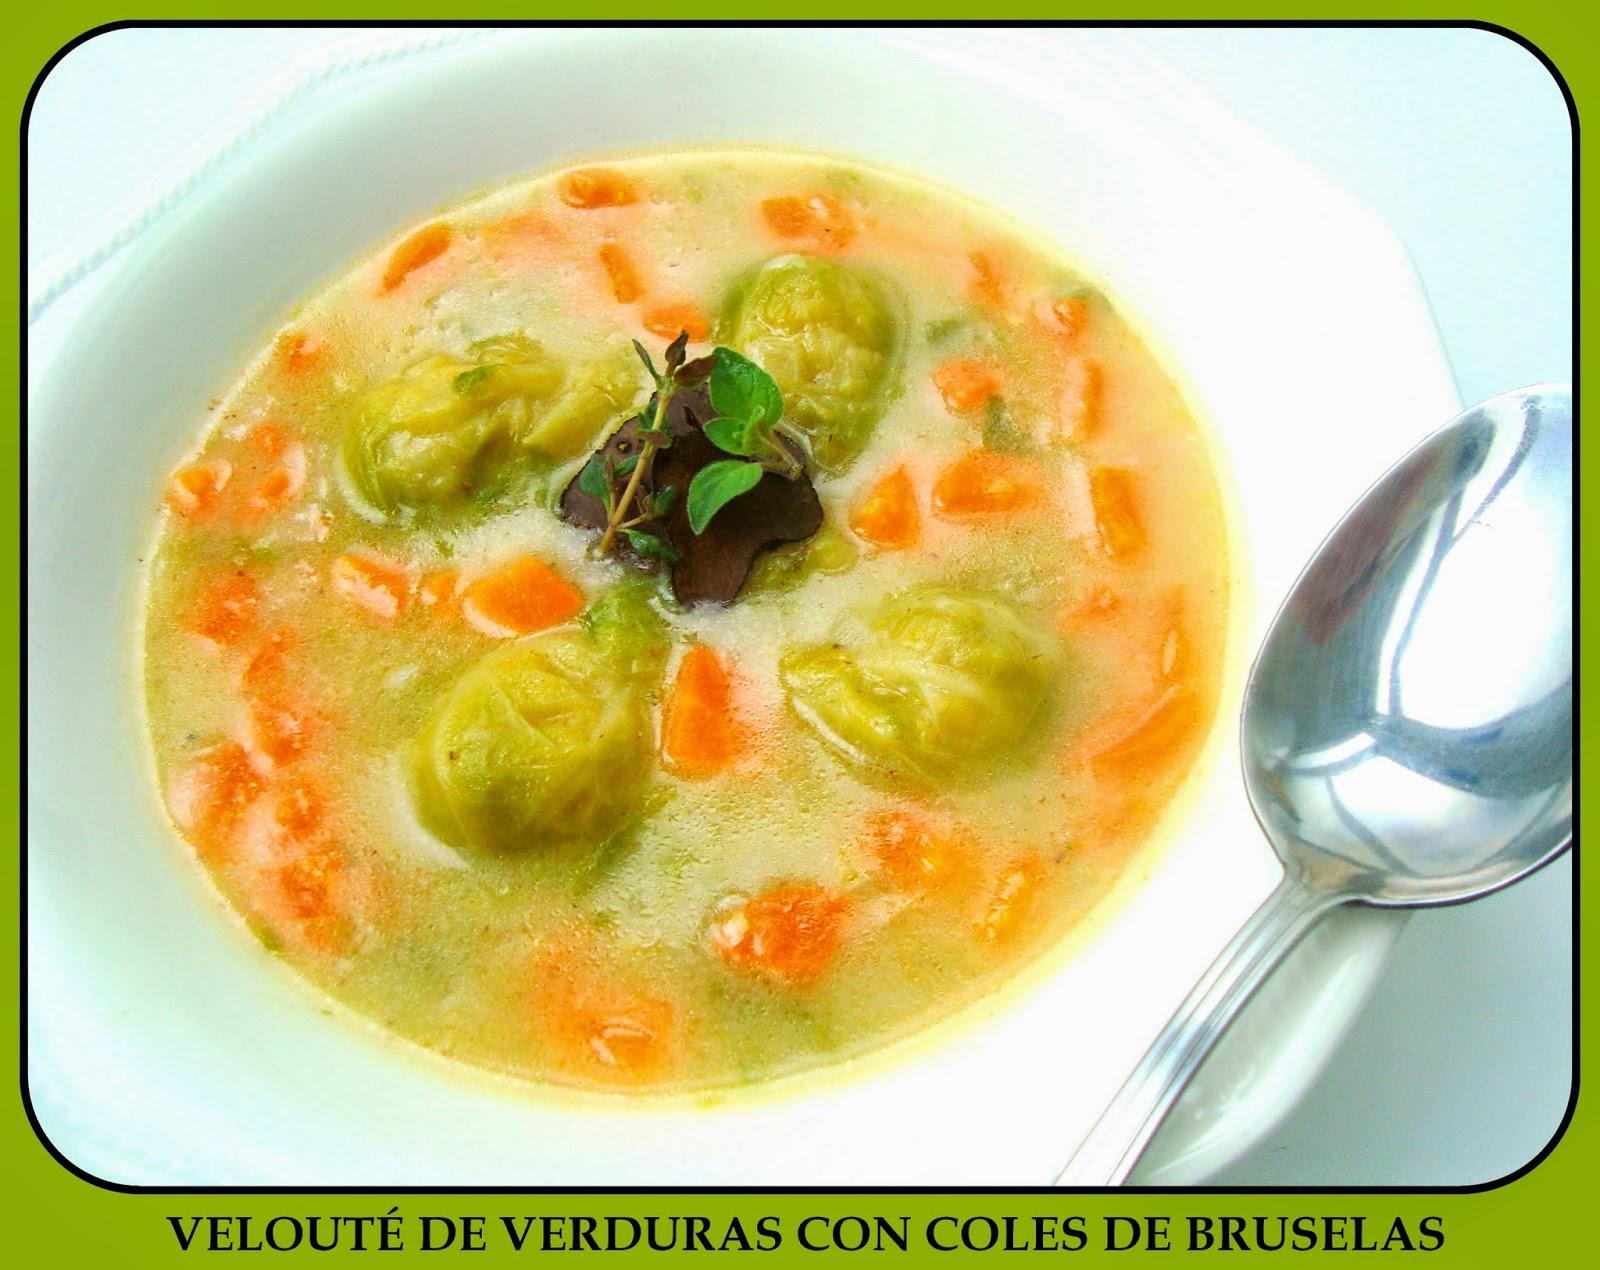 Blog De Cocina Sana | Mis Recetas Anticancer Veloute De Verduras Con Coles De Bruselas